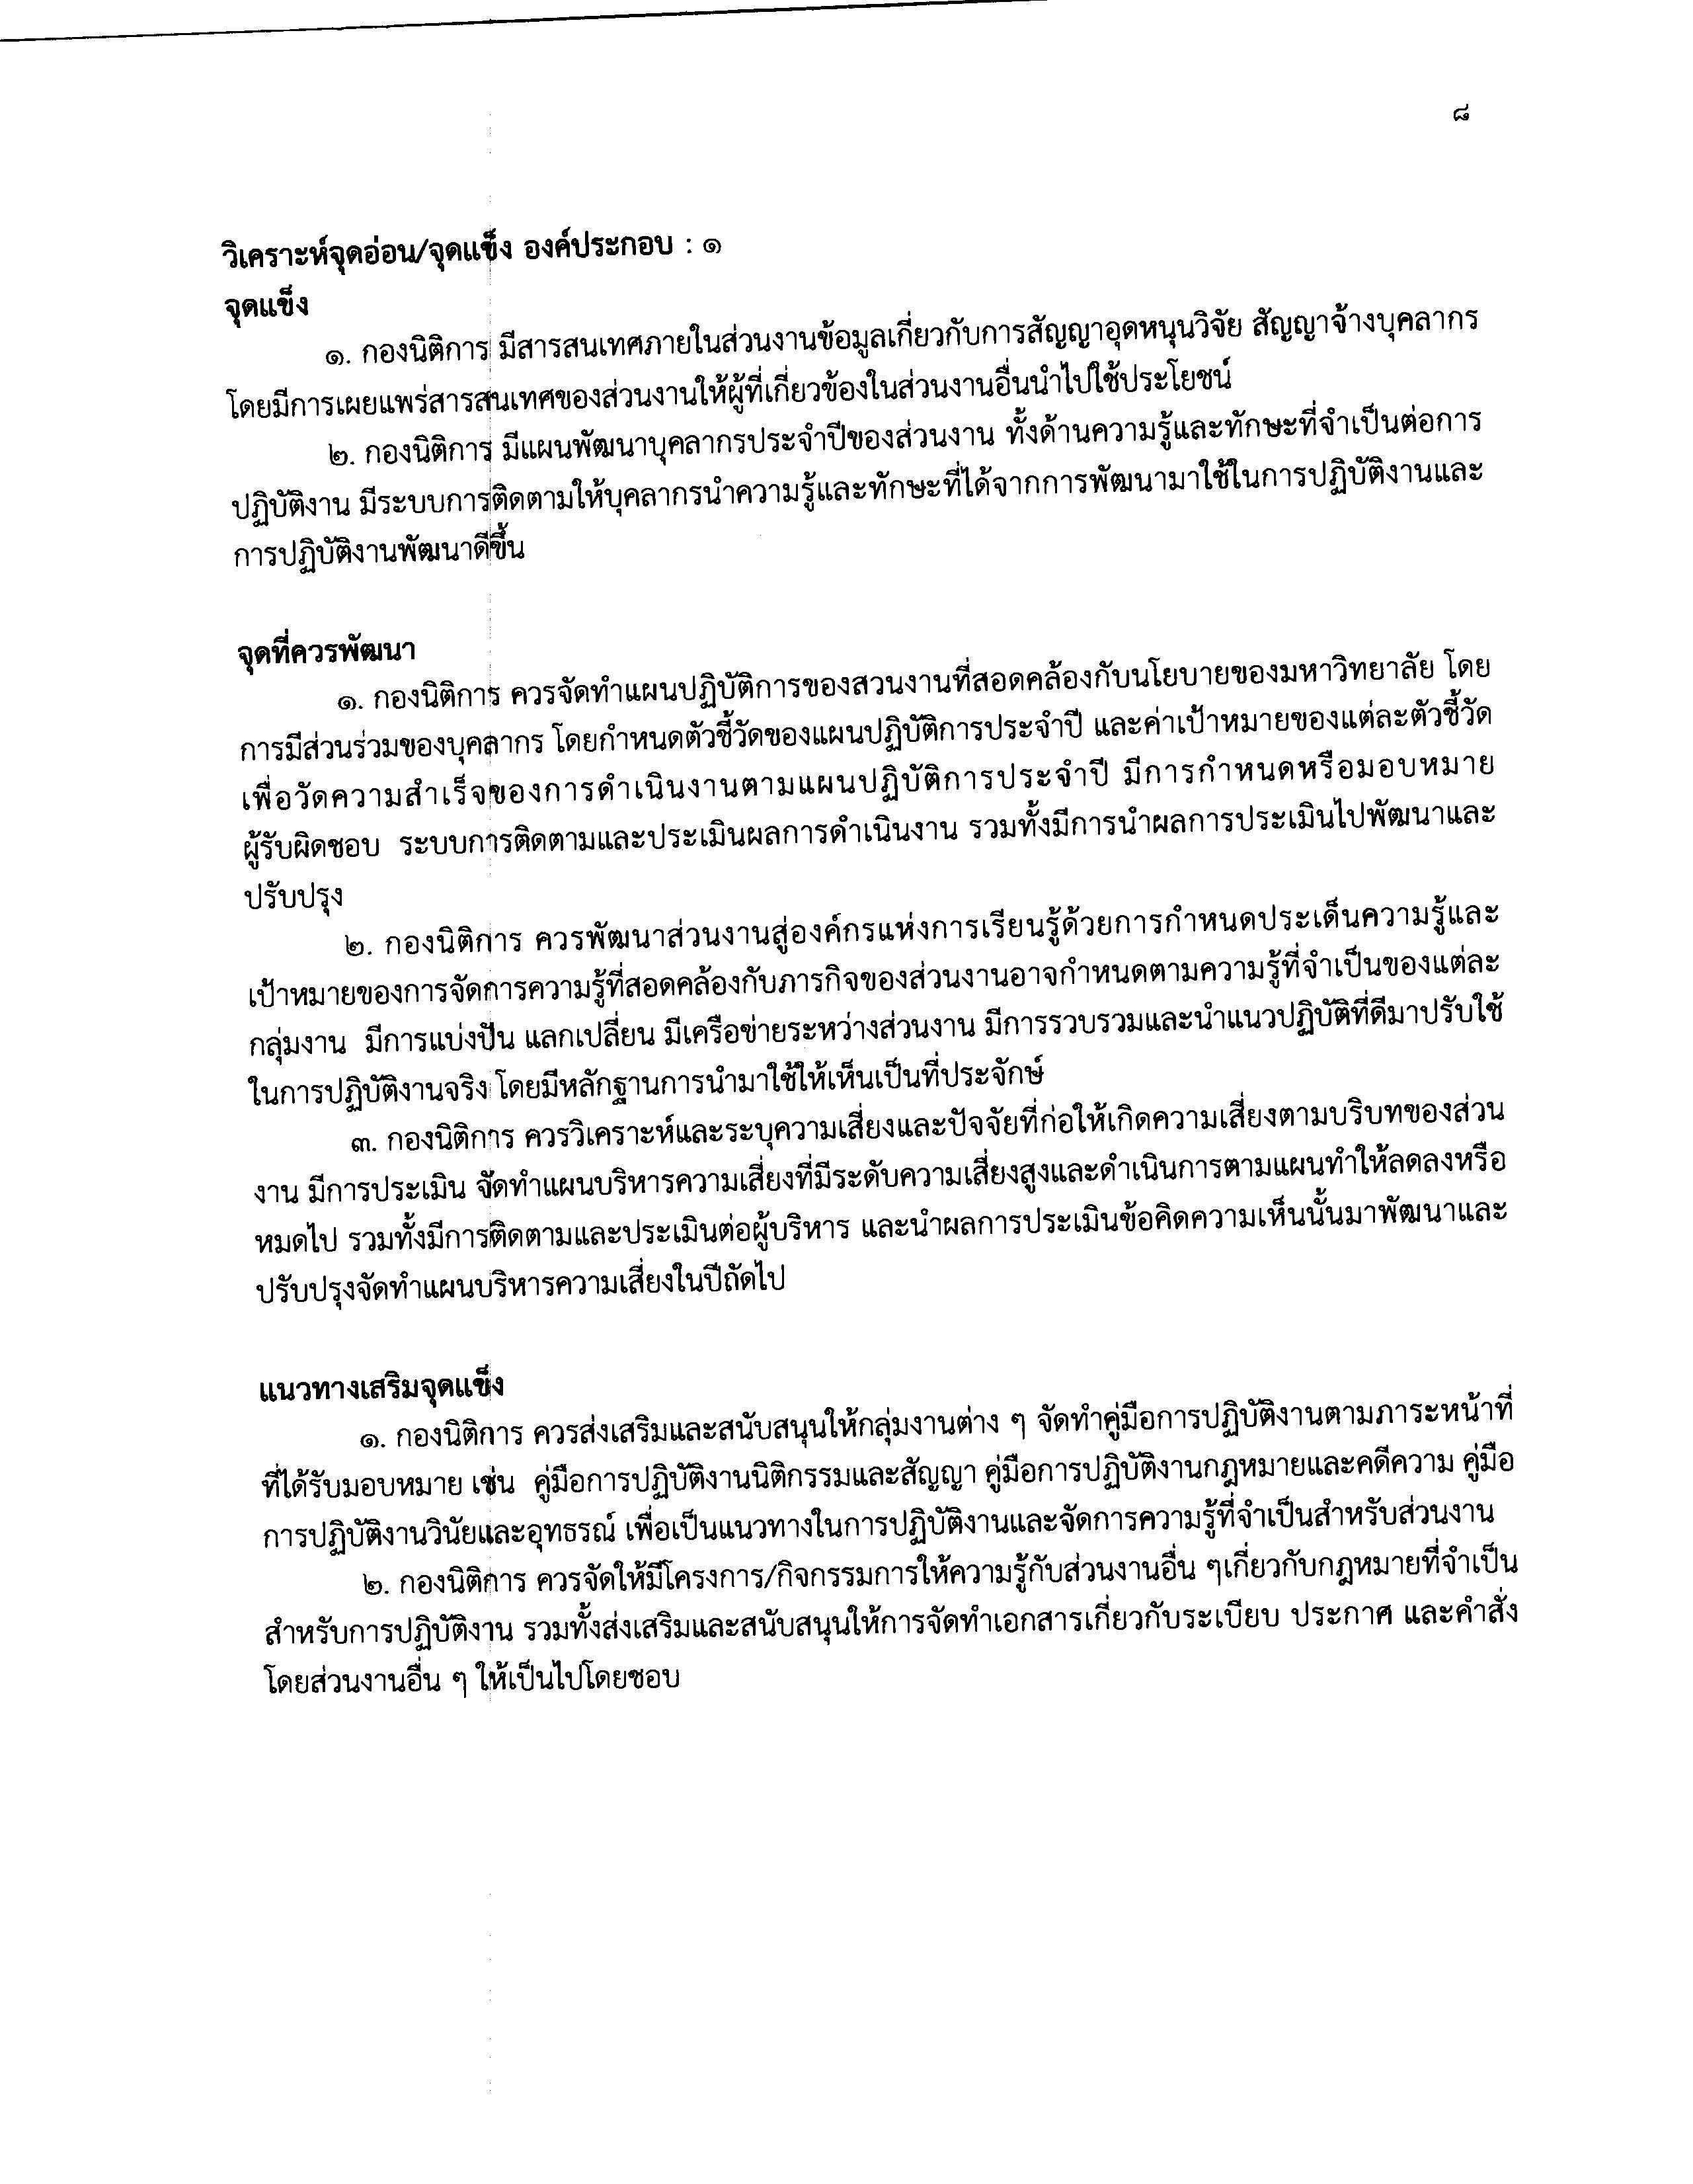 รายงานผลการประเมินคุณภาพภายในส่วนงานสนับสนุน_Page_11